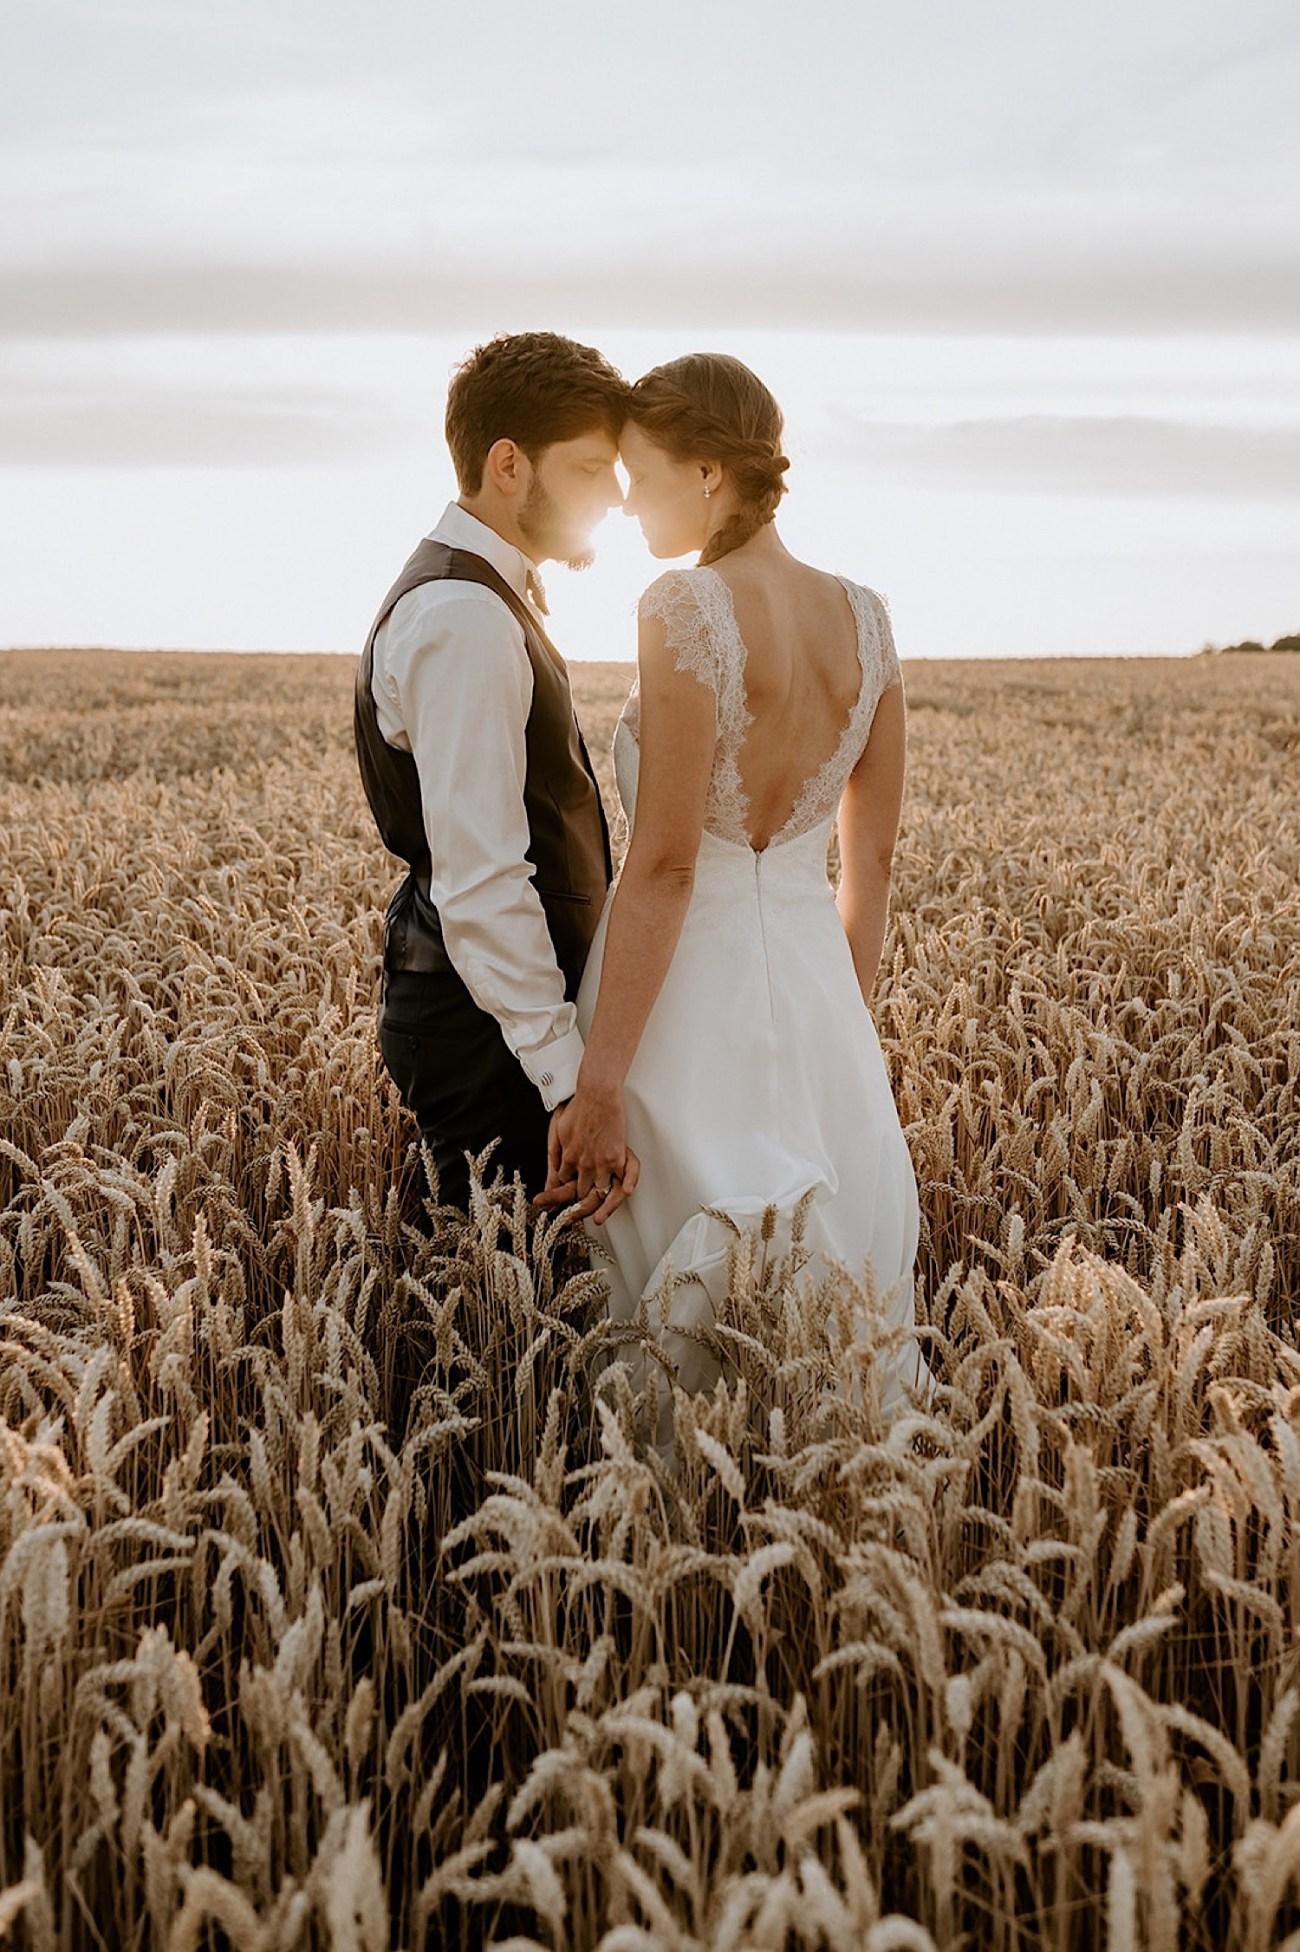 004 French Wedding Destination Wedding France French Wedding Photographer Paris Wedding Photographer